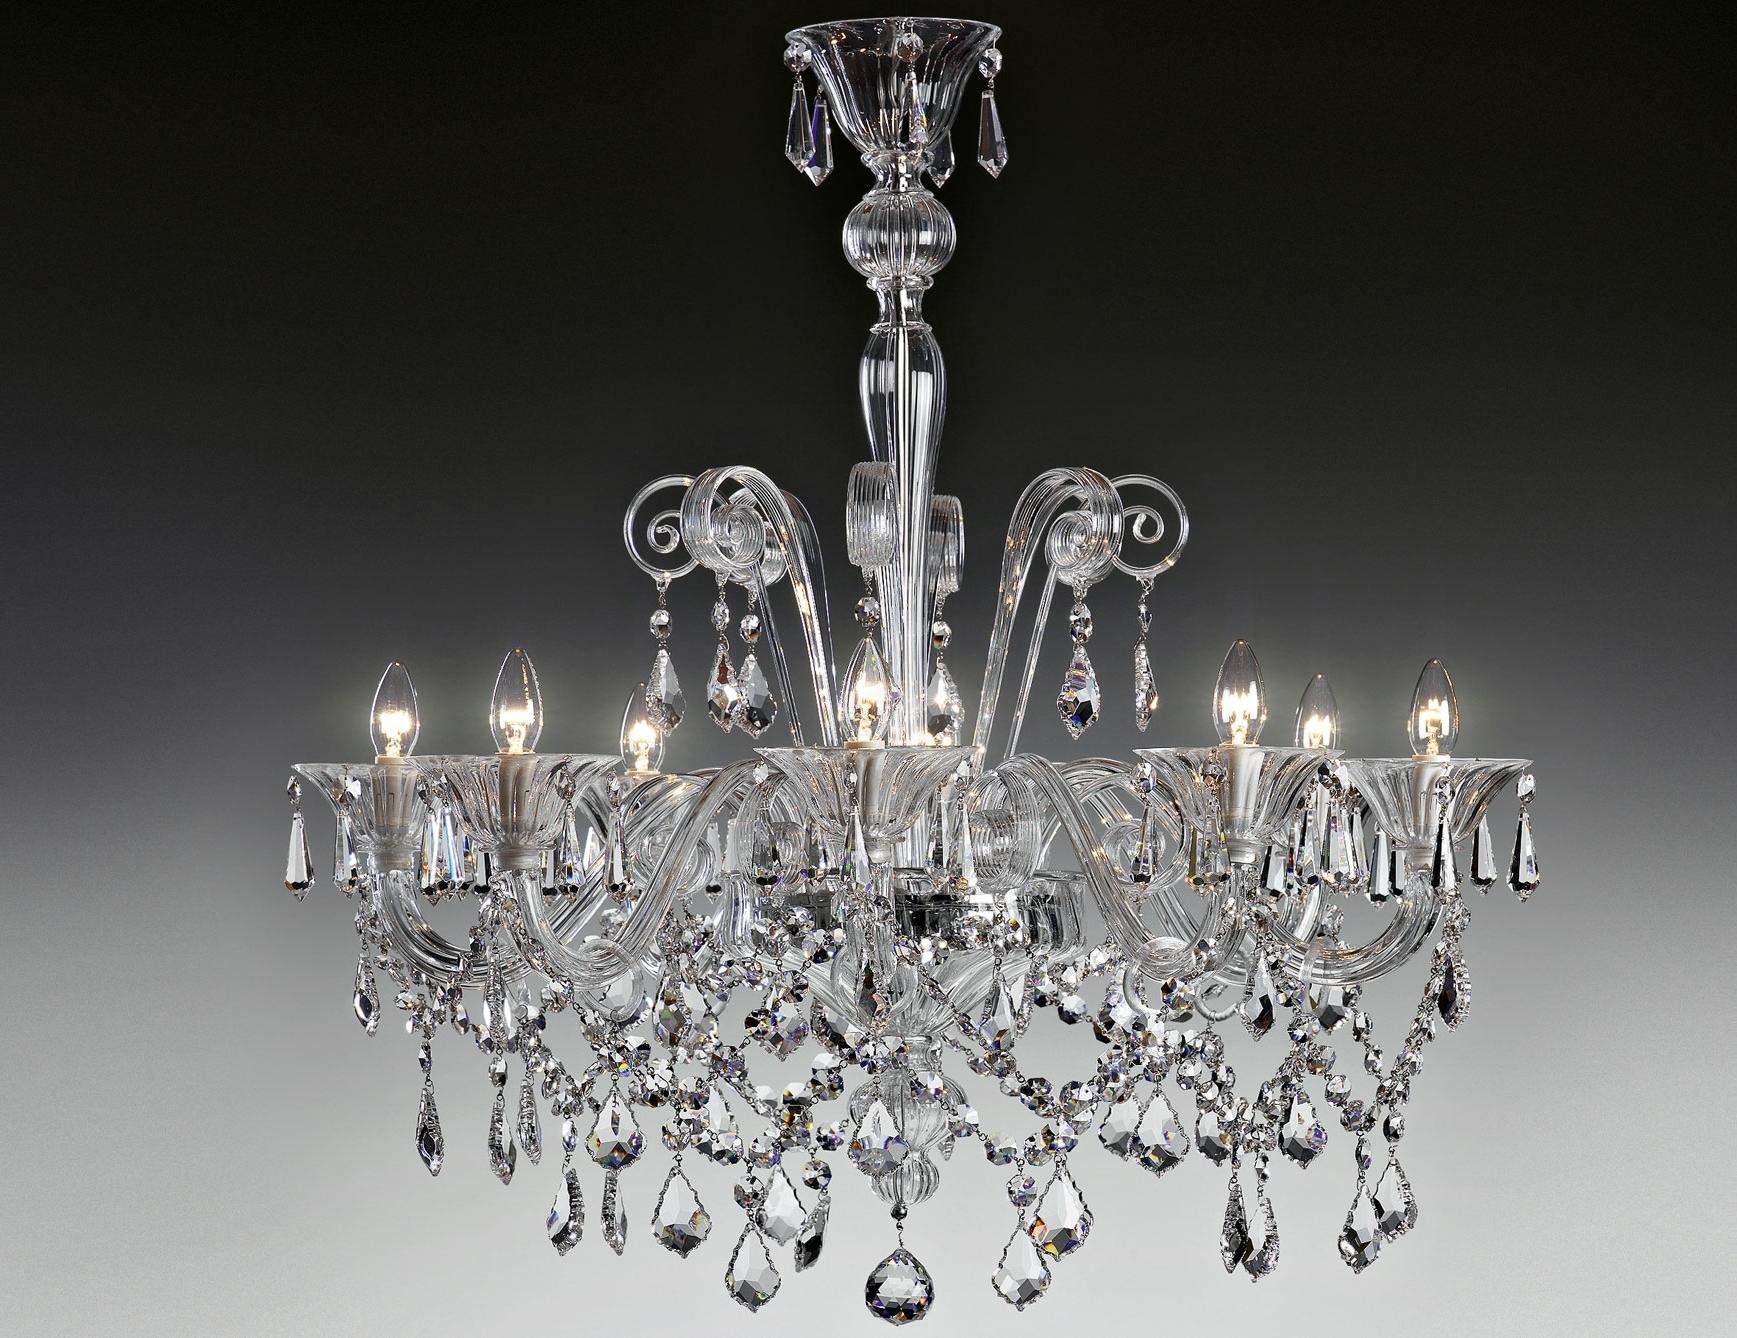 Nella Vetrina Lulu 9016 8 Modern Italian Chandelier Clear Murano Glass Inside Favorite Italian Chandeliers (View 11 of 15)